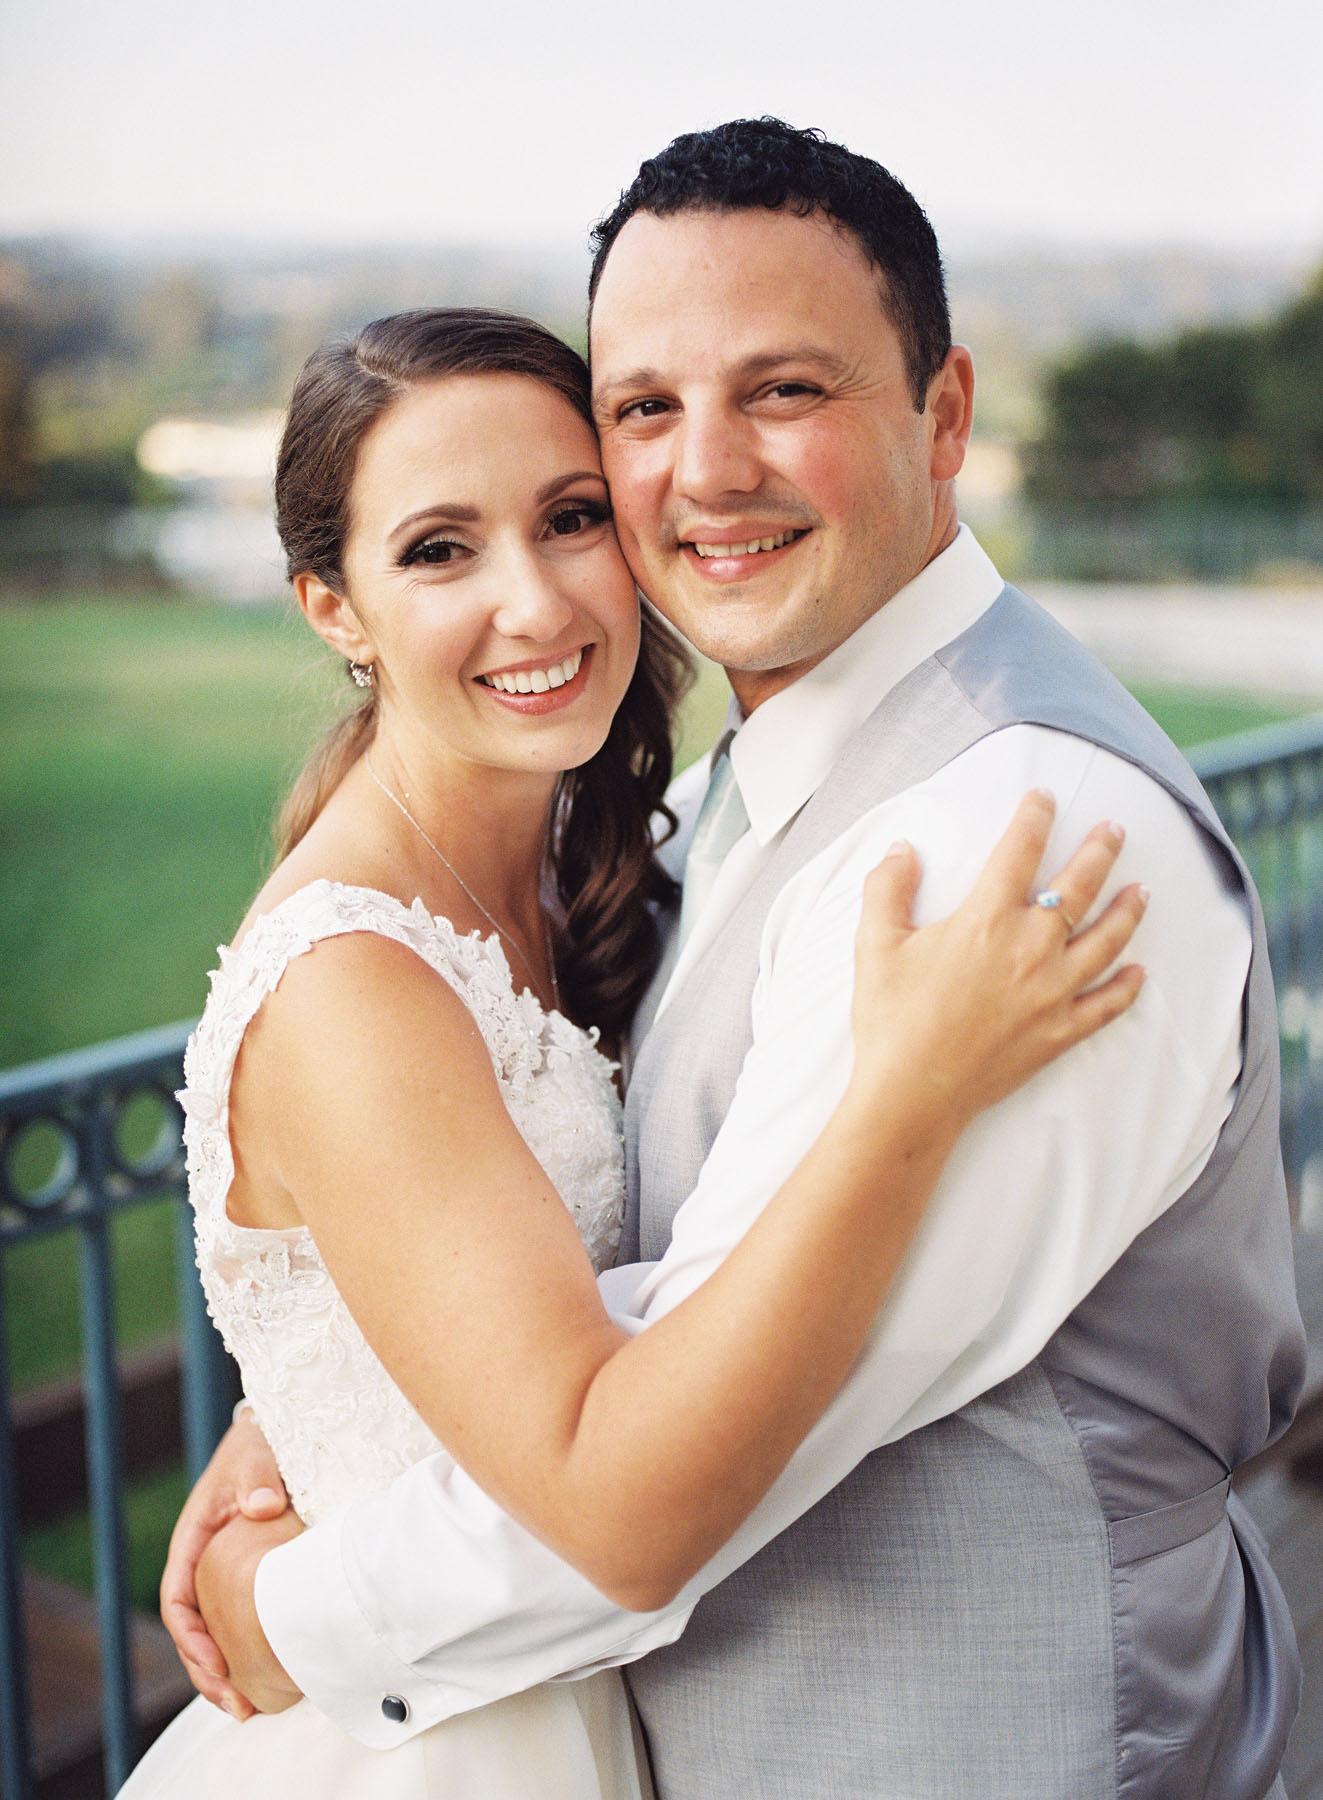 8-11-18 Vanessa and Andrew - 254.jpg